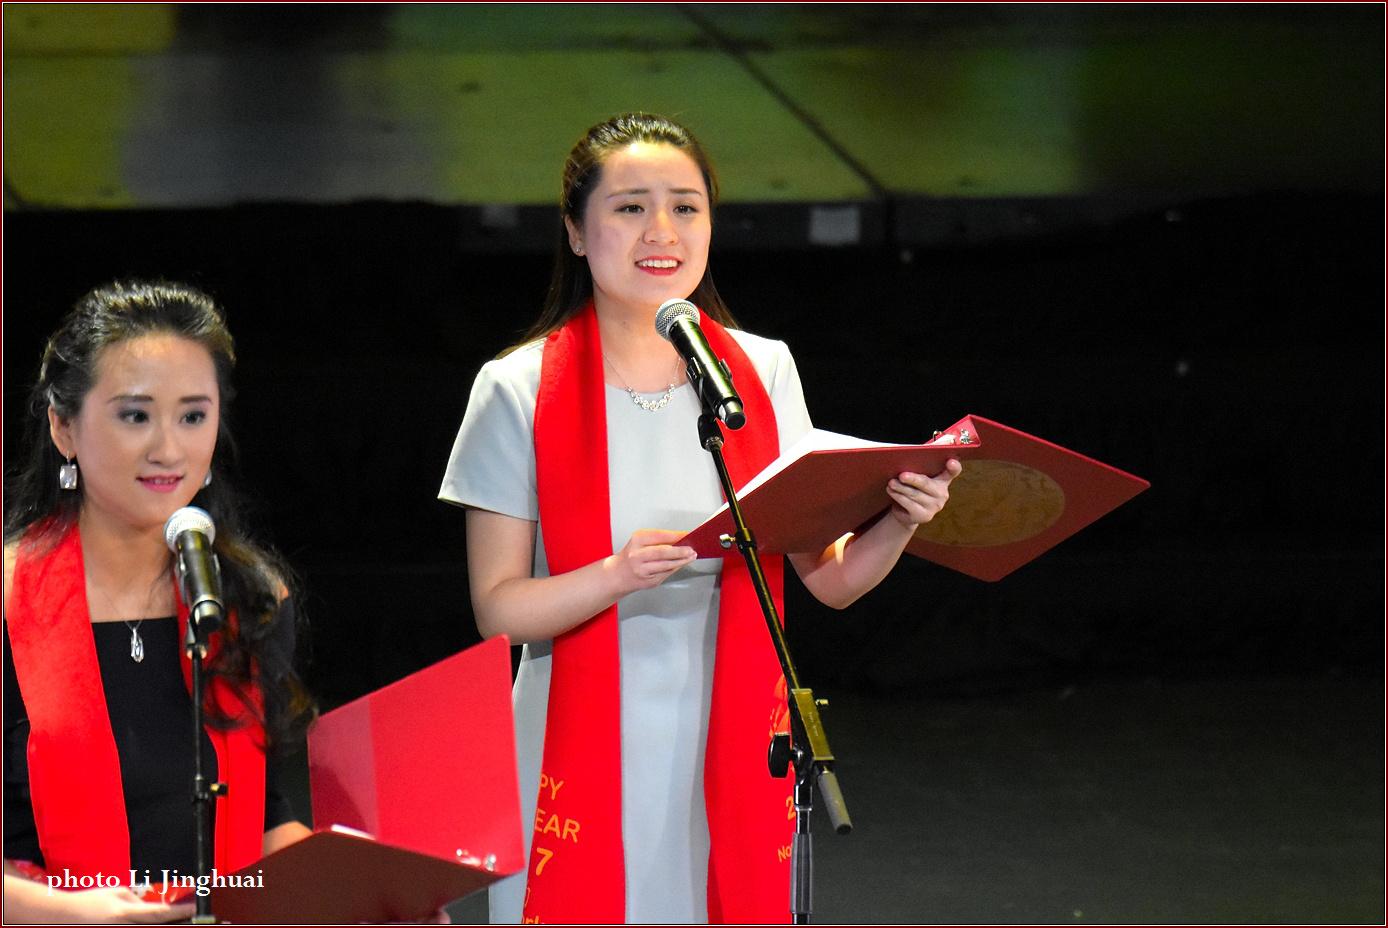 2017北美高校大型春节晚会_图1-9